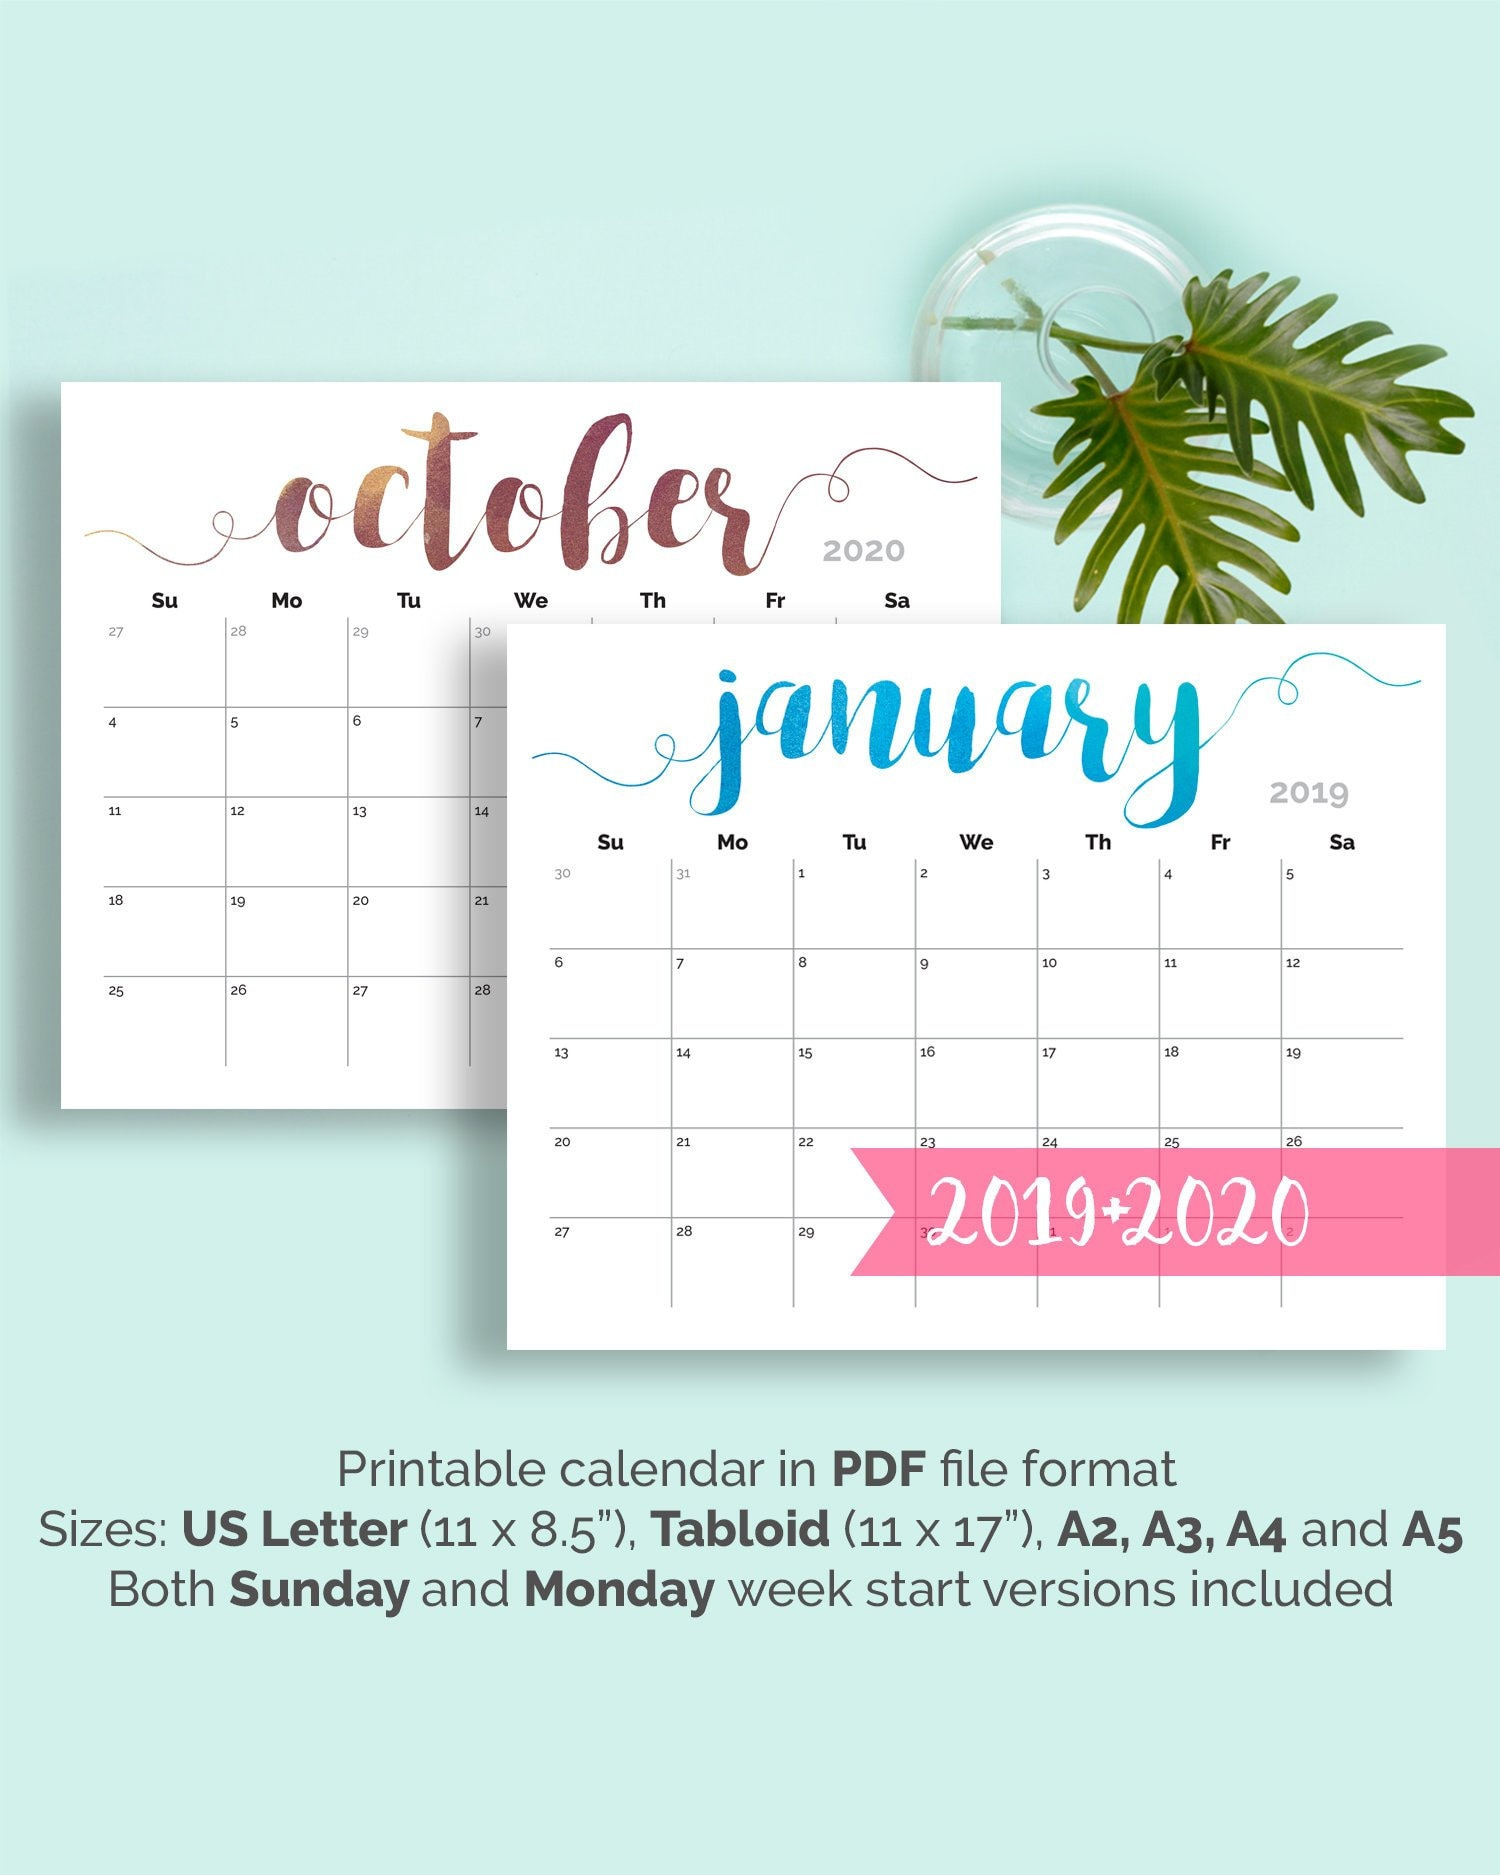 Calendario 2019 2020.Printable Calendar 2019 Large Wall Calendar 2019 2020 Desk Calendar Large Monthly Pages Printable Pdf Calender 2020 Calendar Printable 2019